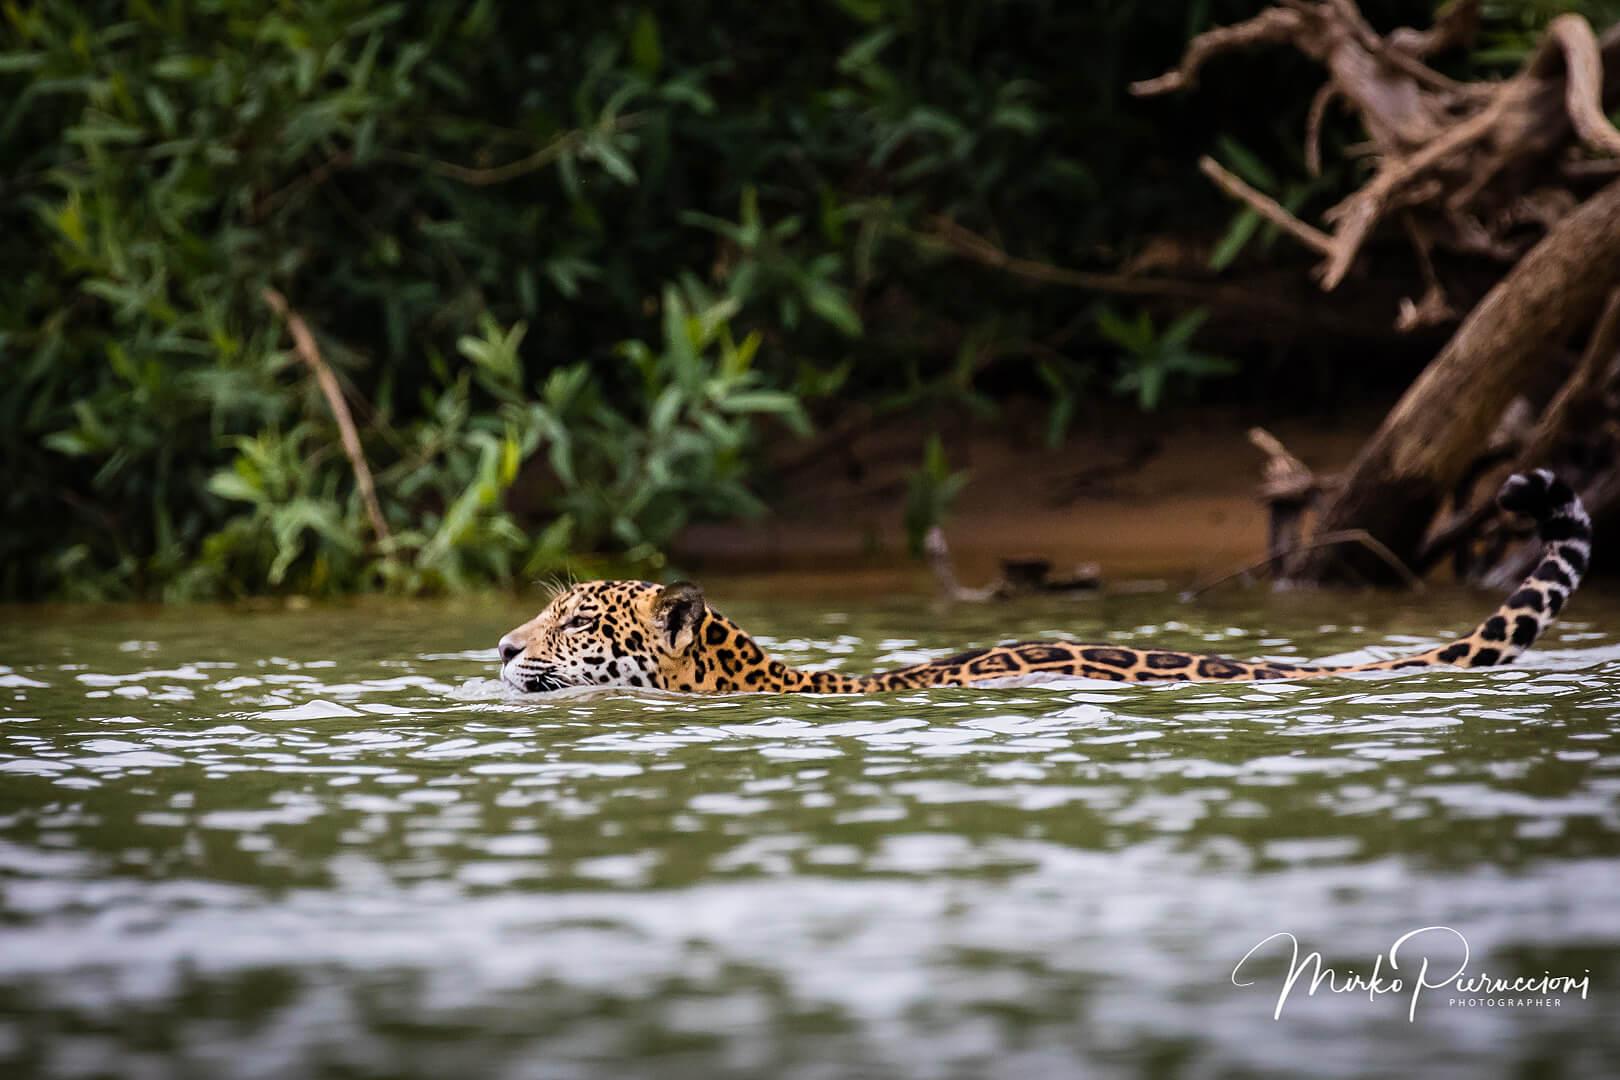 Phototour-Pantanal-2019-4